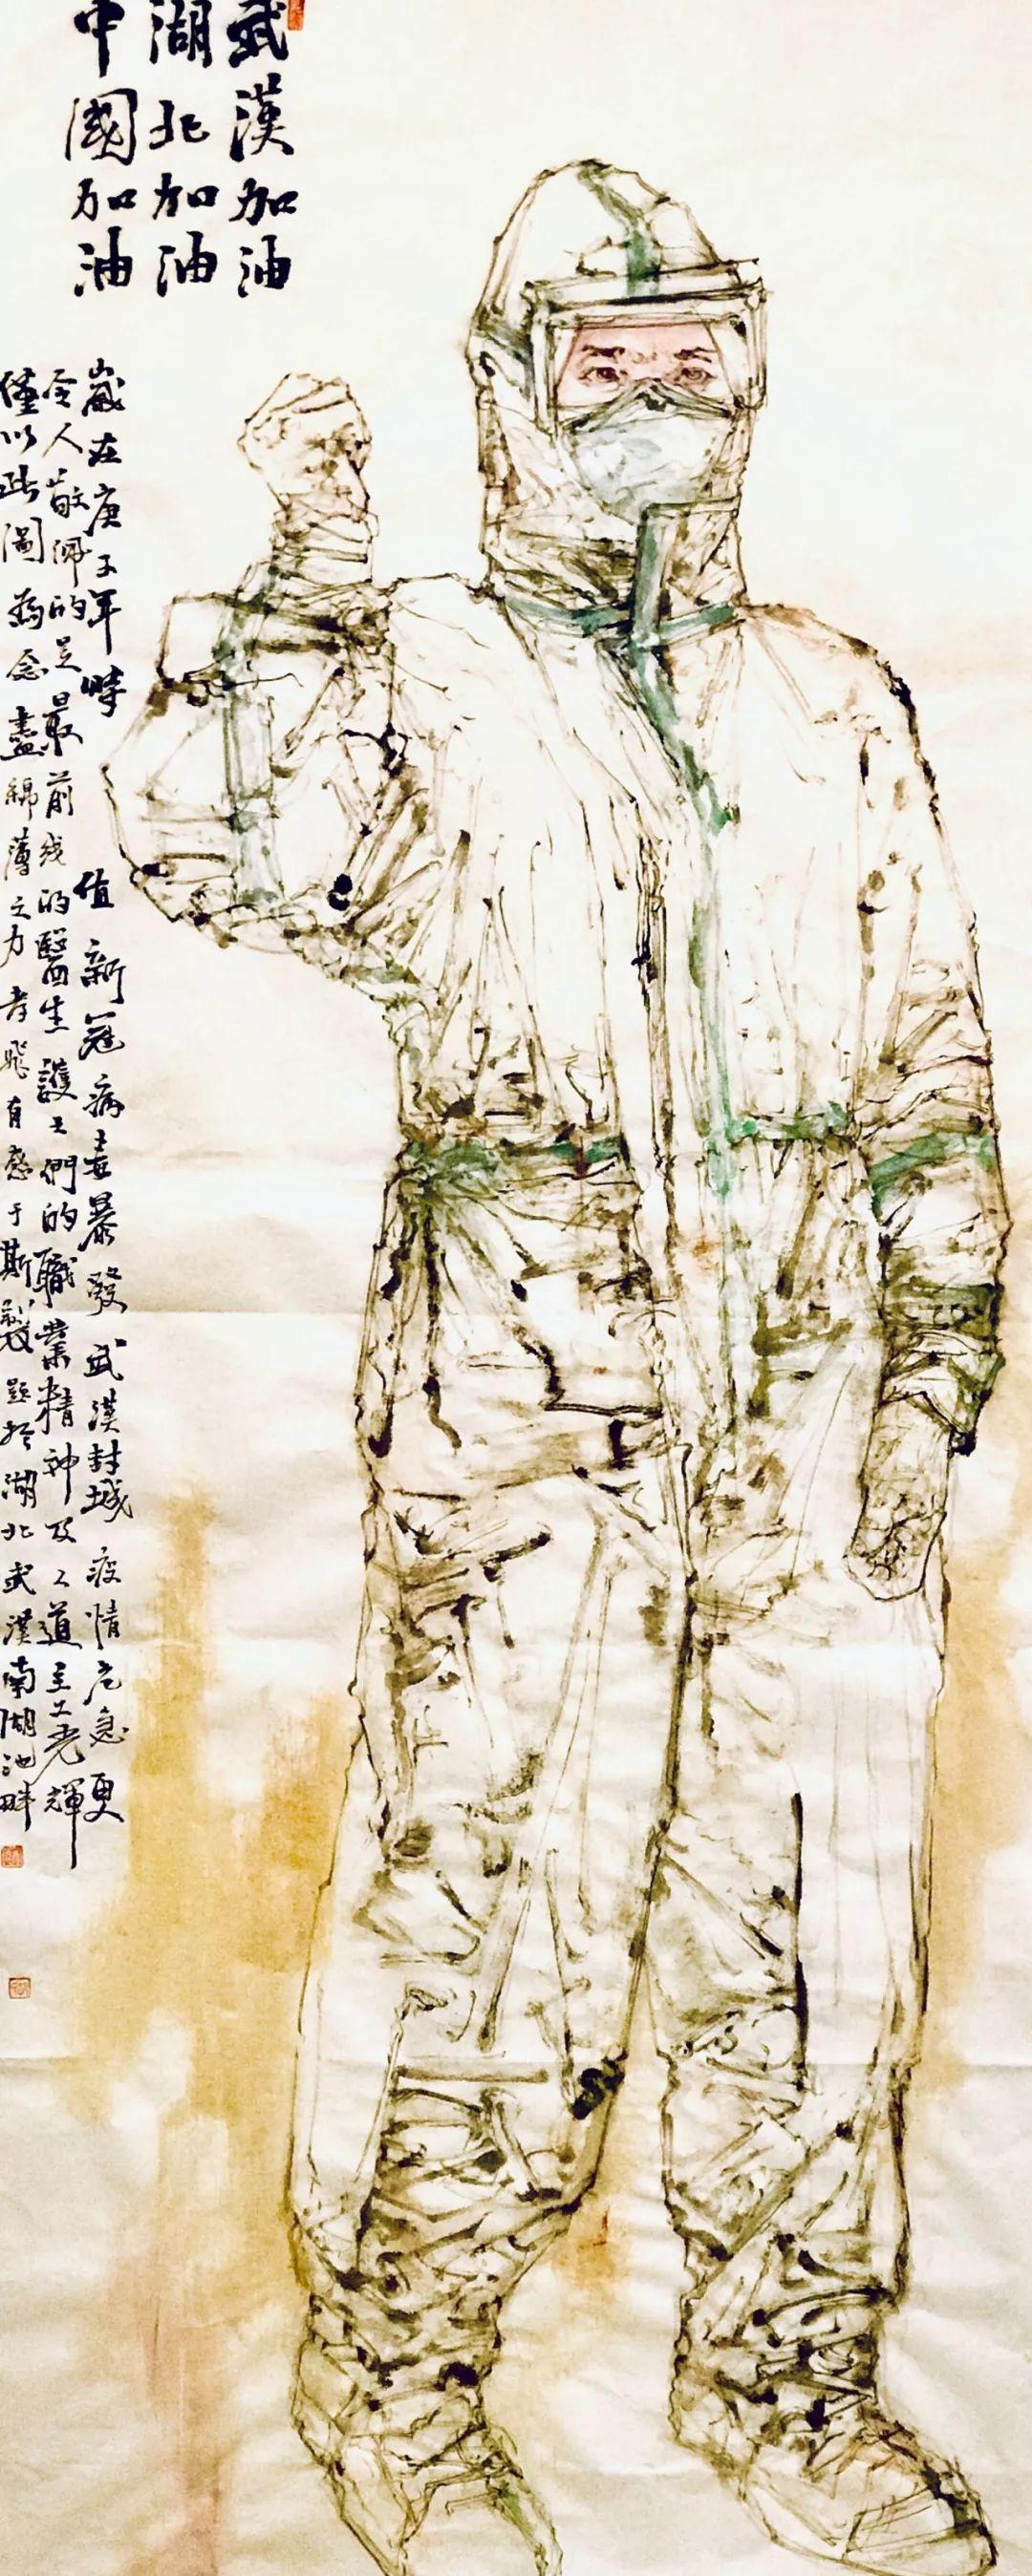 疫情当前,九大美院及千名画家用作品为武汉加油!看后暖哭了…插图105